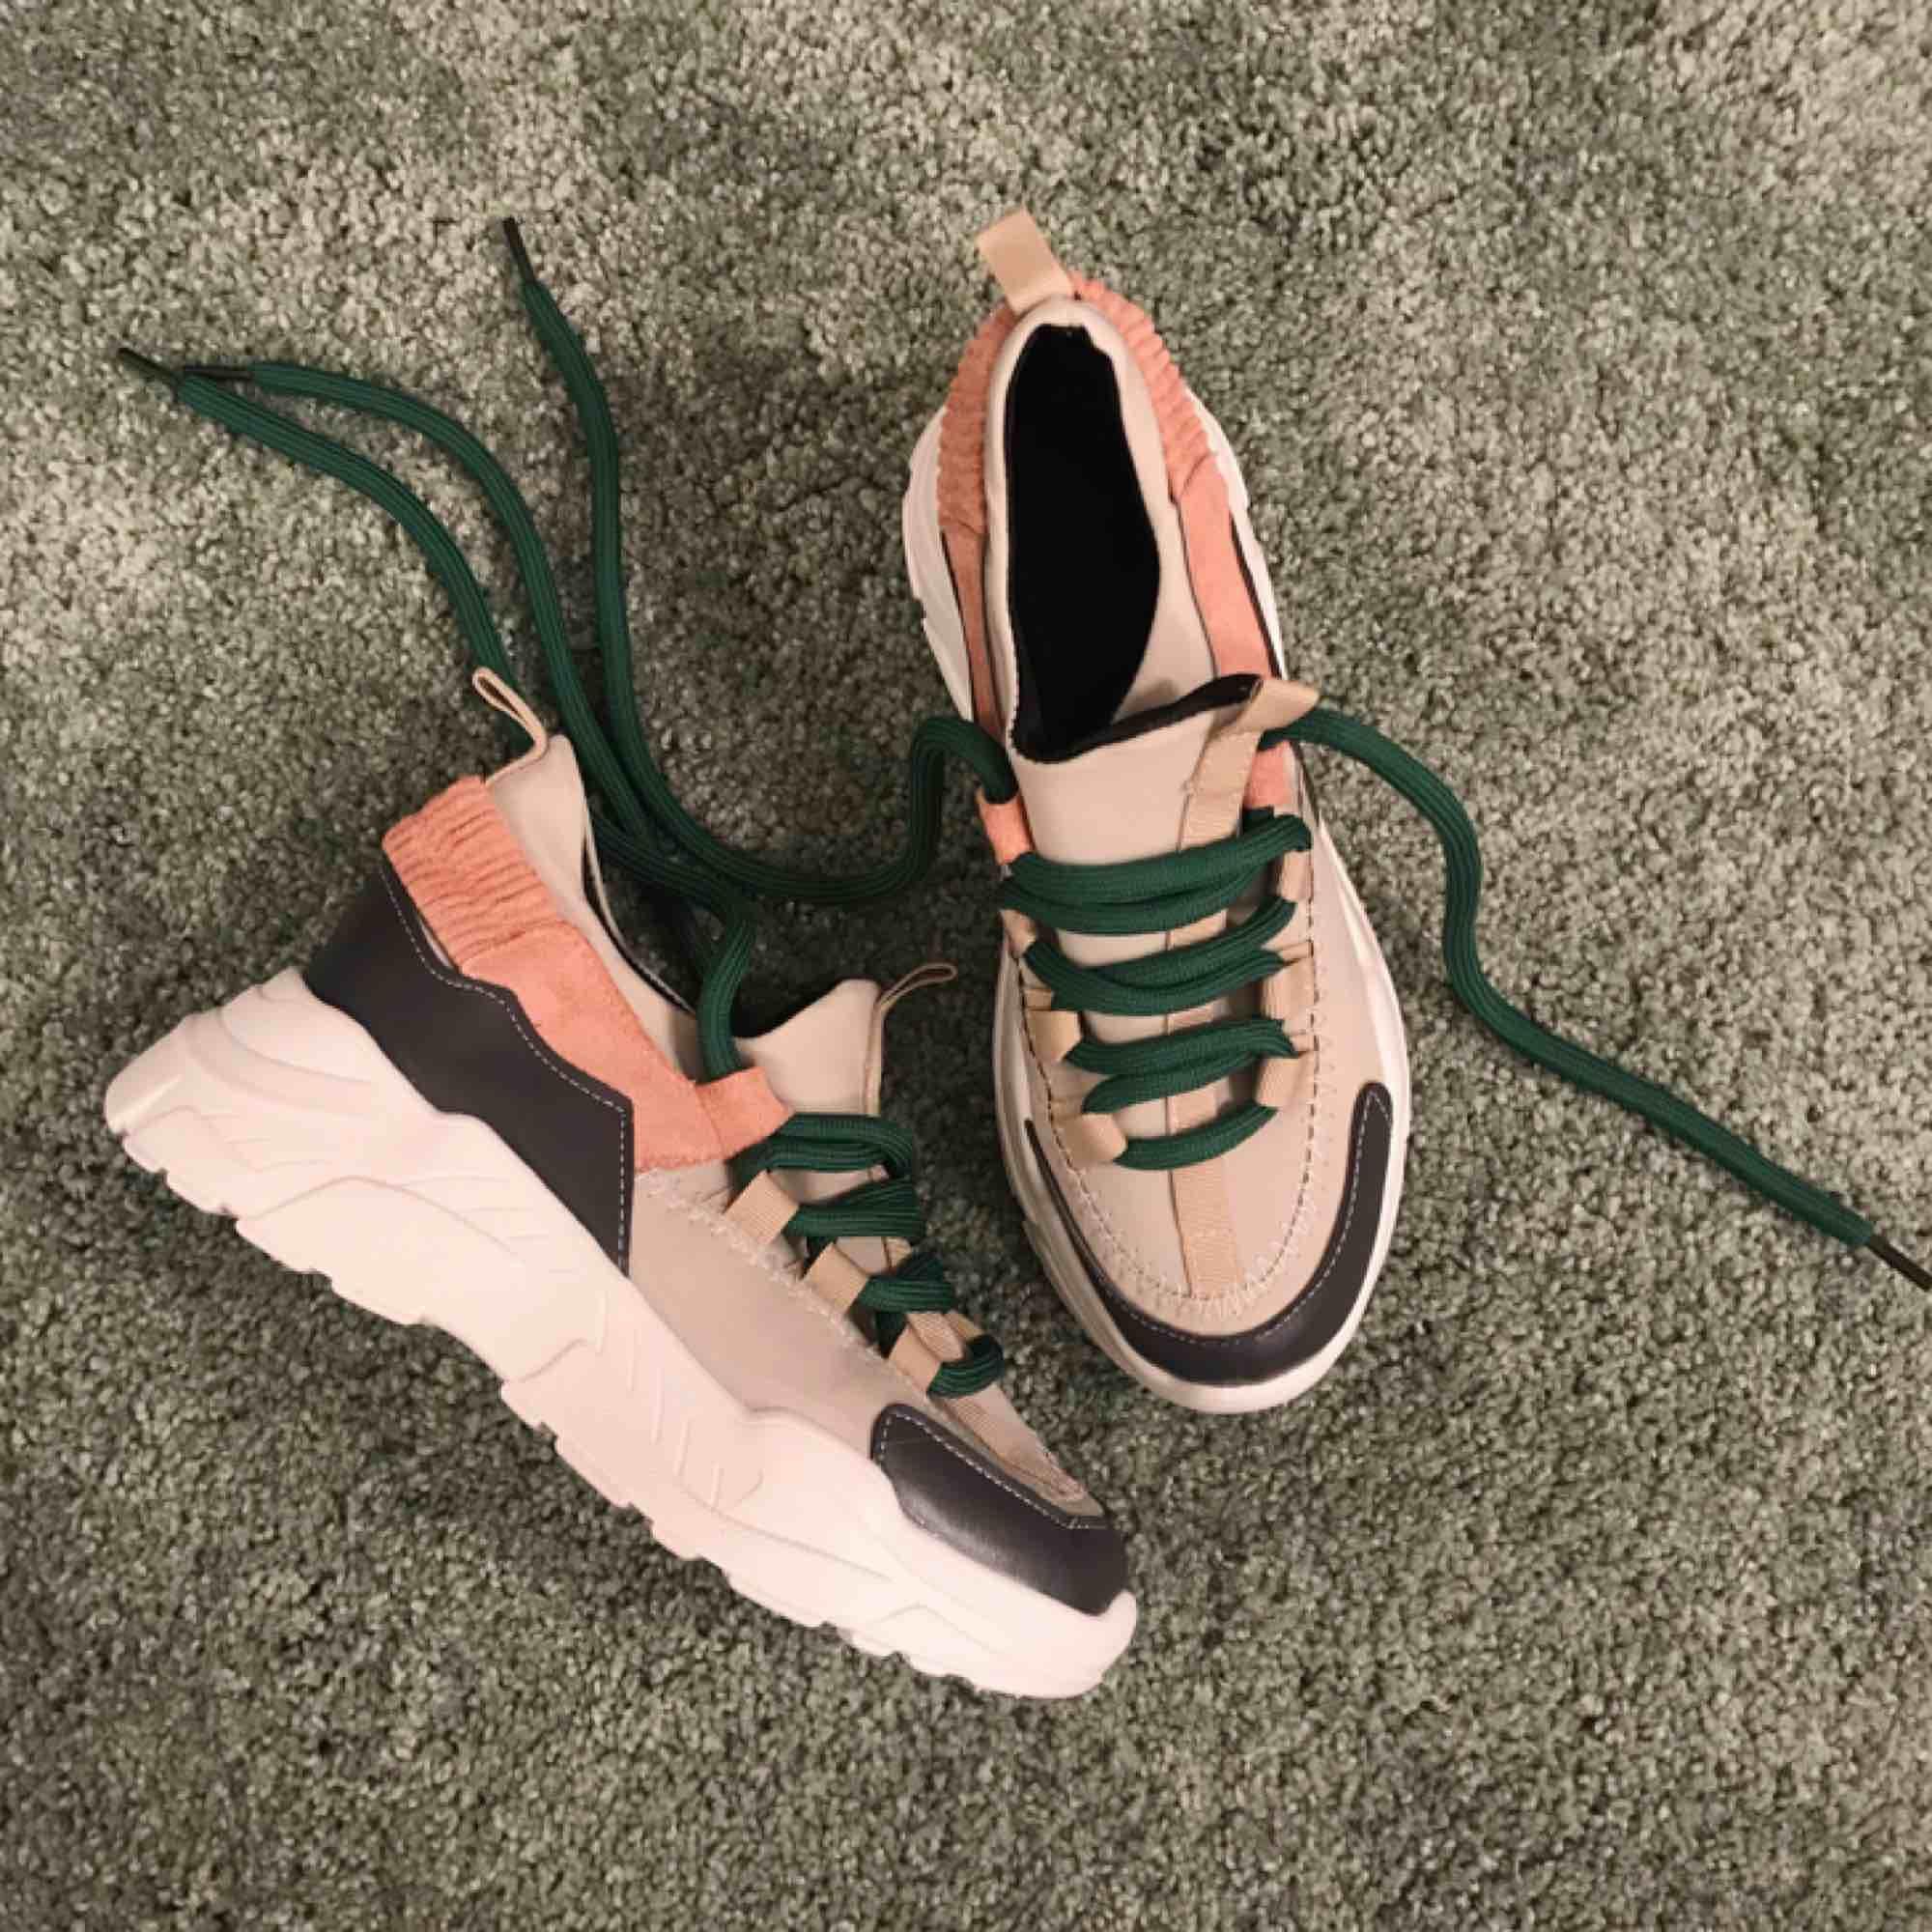 ec6a9686bf9 Helt NYA oanvända chunky sneakers. Fjäder lätta. Strl 39.